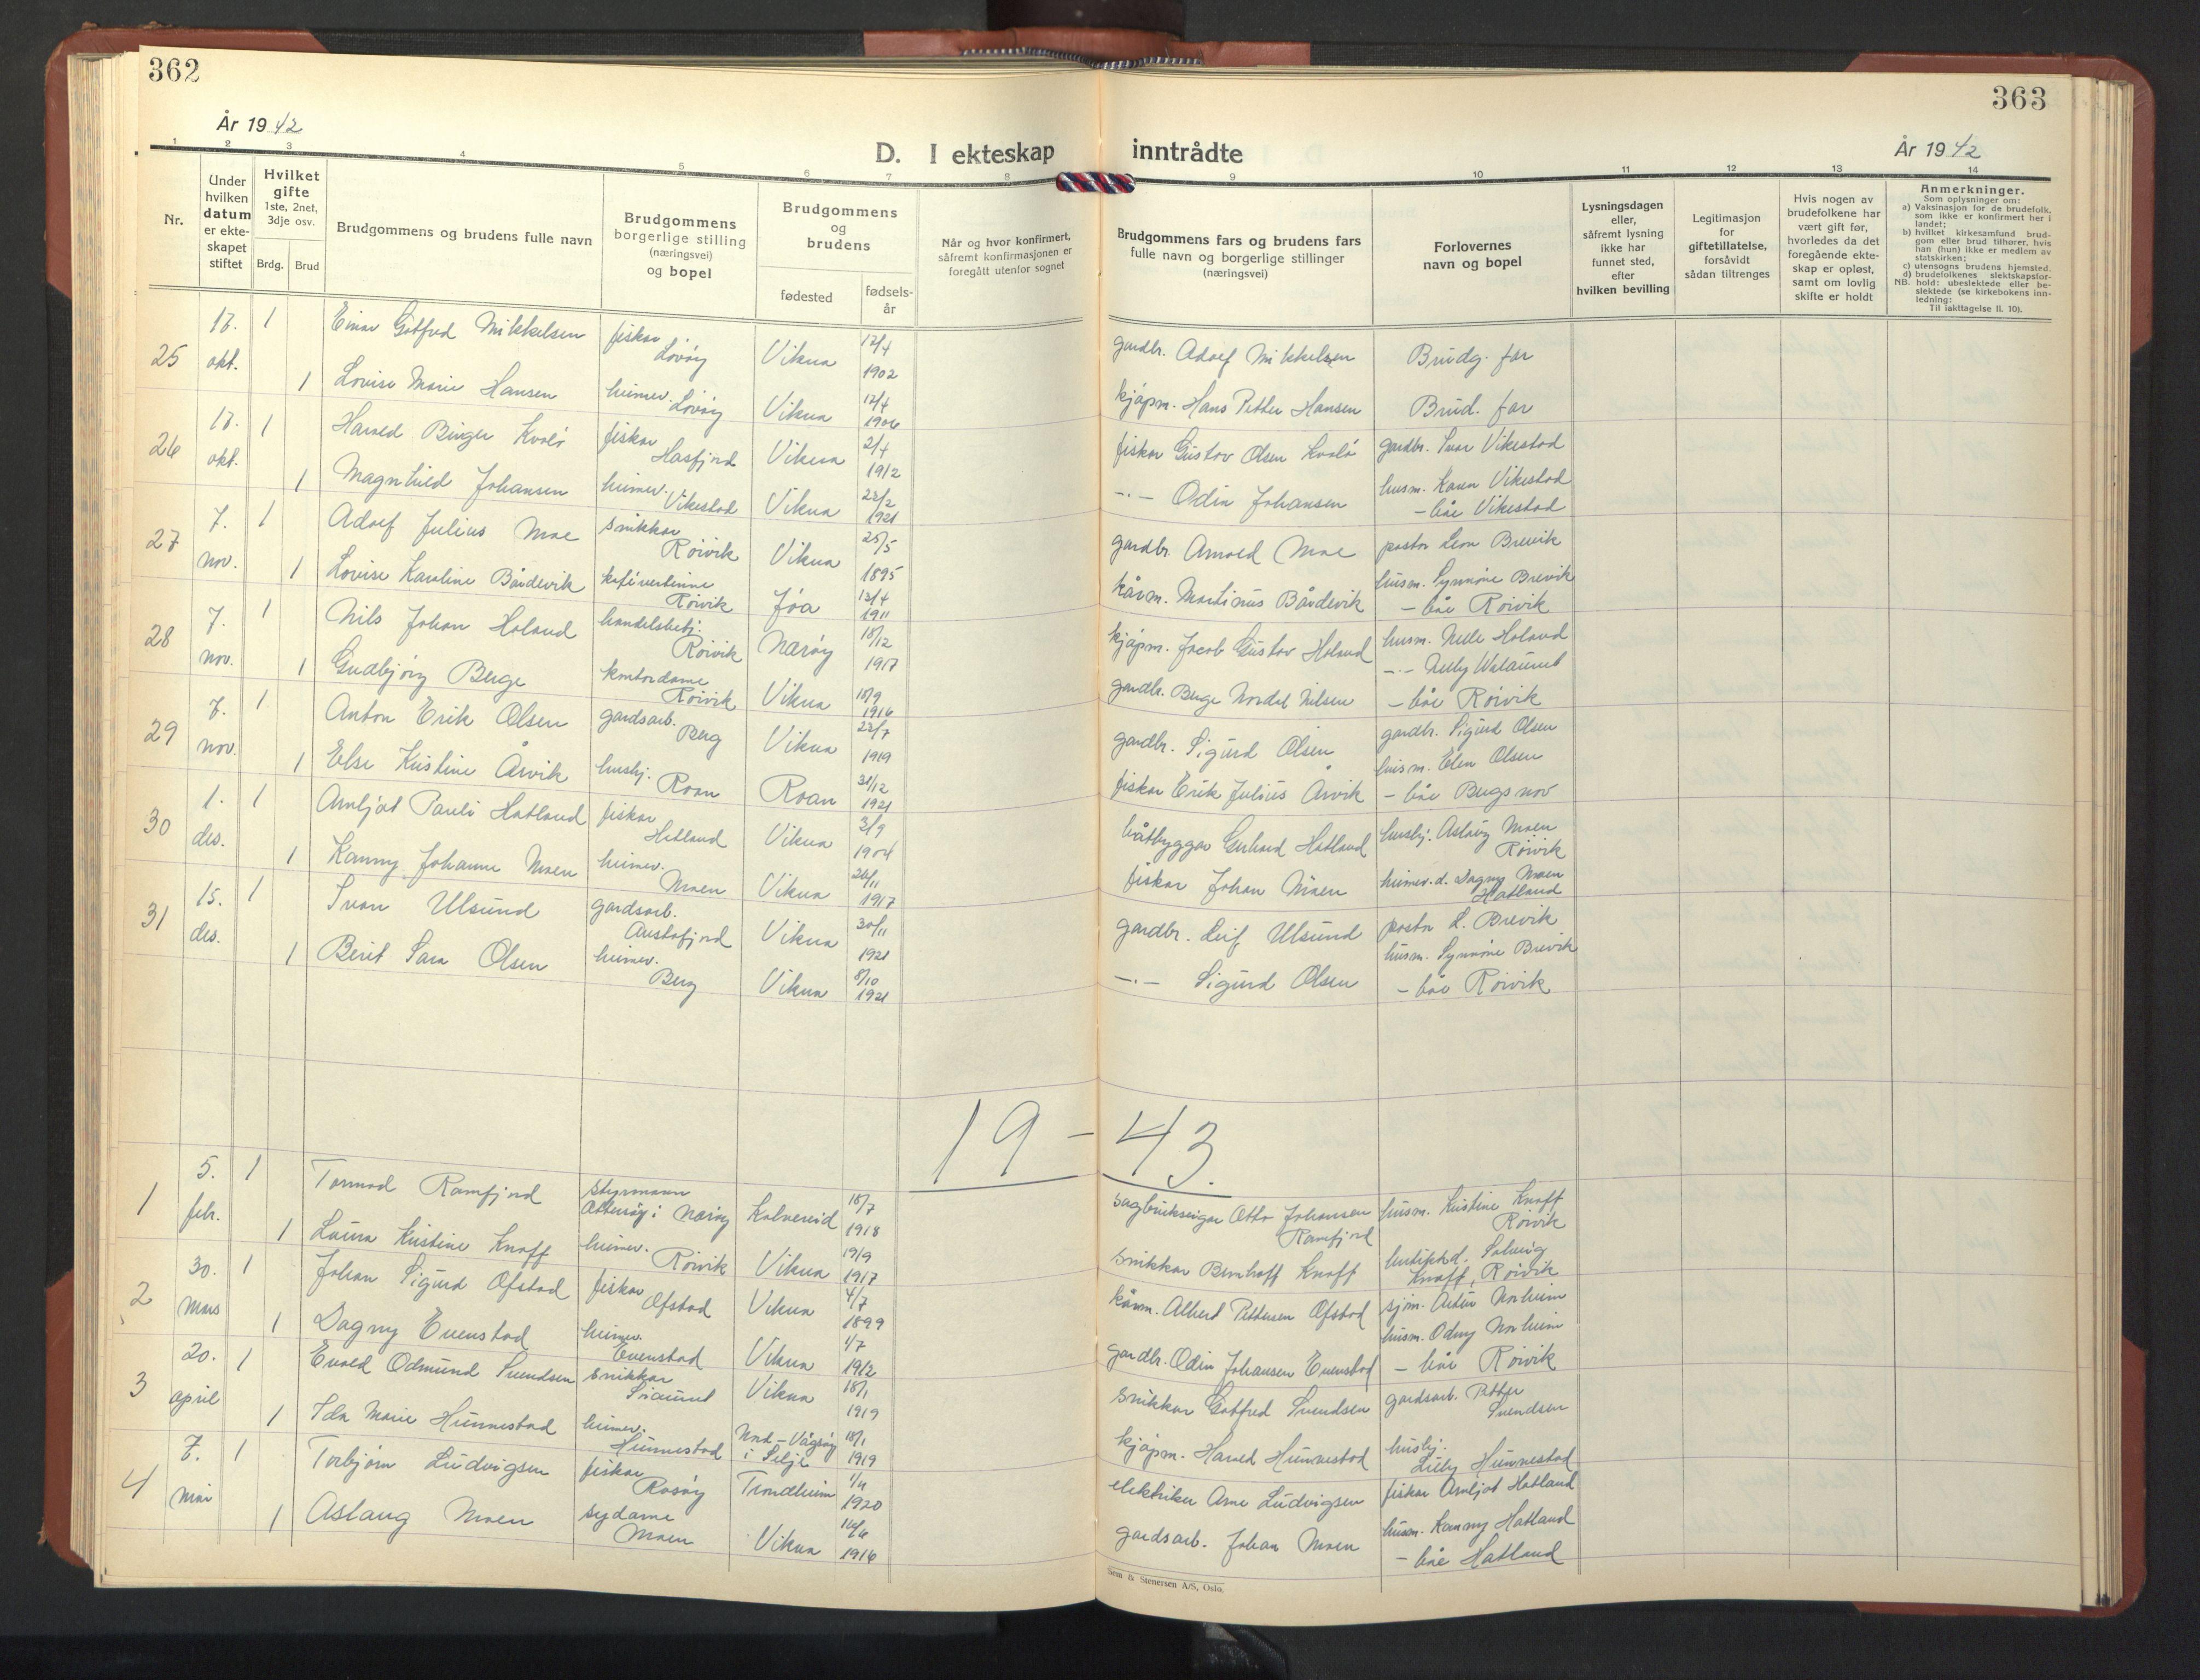 SAT, Ministerialprotokoller, klokkerbøker og fødselsregistre - Nord-Trøndelag, 786/L0689: Klokkerbok nr. 786C01, 1940-1948, s. 362-363